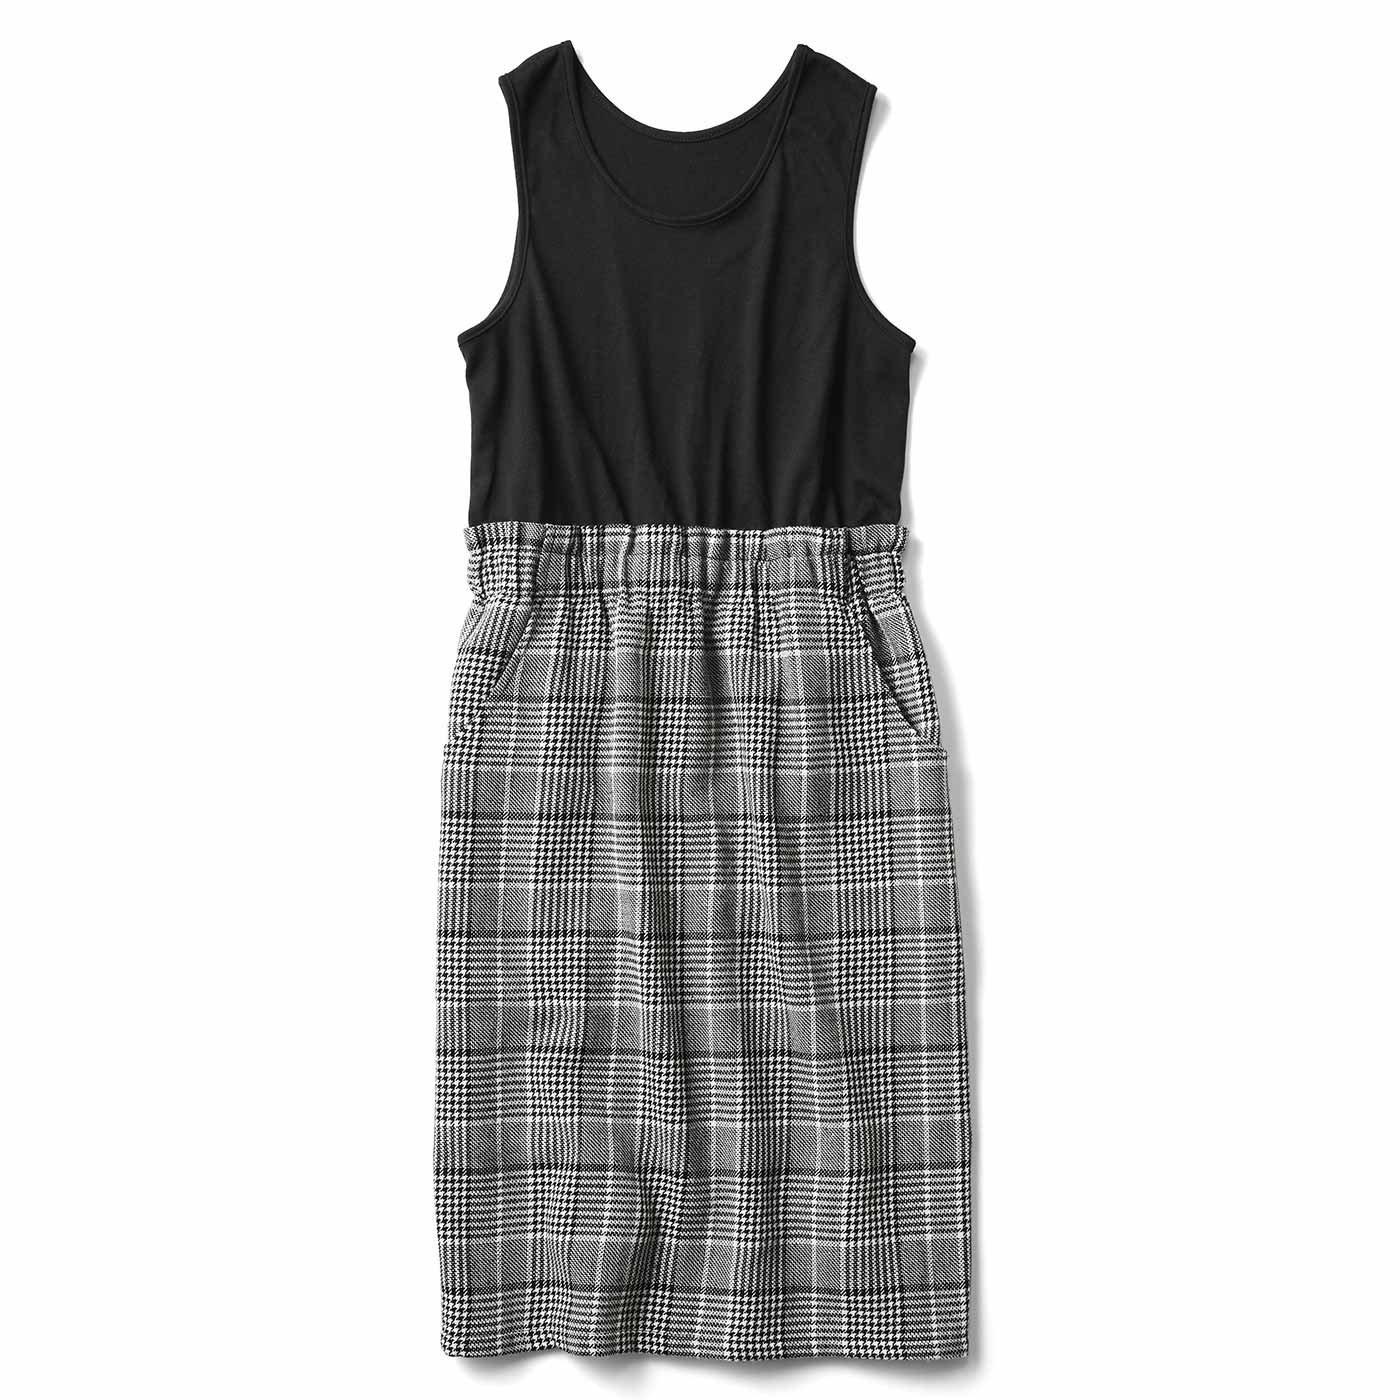 IEDIT[イディット] 上から吊(つ)ってるみたいでウエスト快適 タンクトップ付きシック柄チェックのⅠラインスカート〈ブラック〉